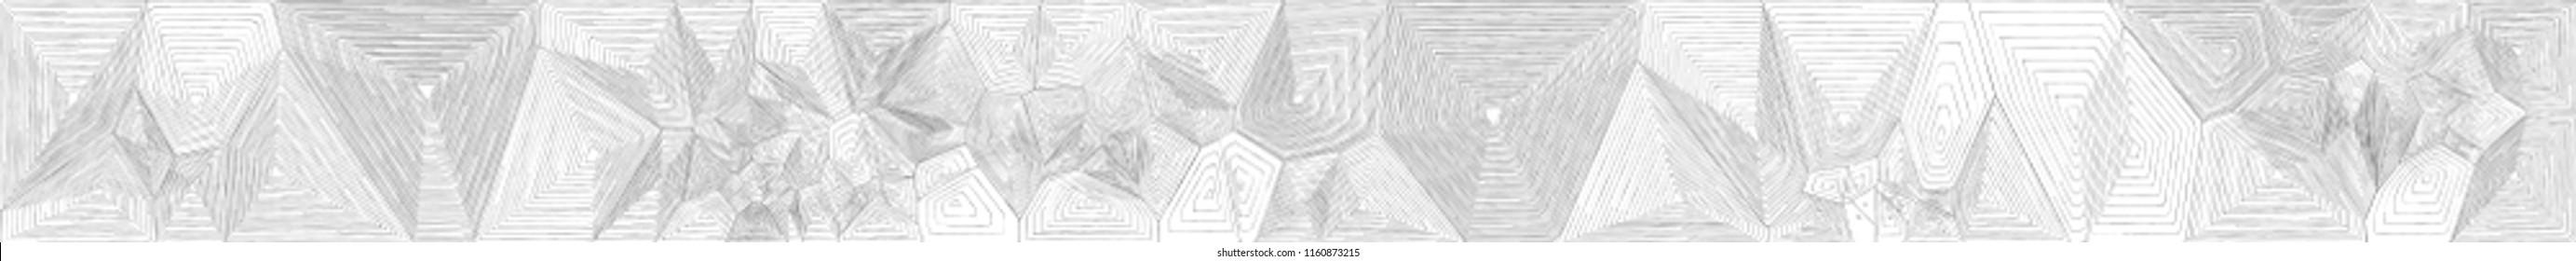 Voronoi handdrawn pattern no 1